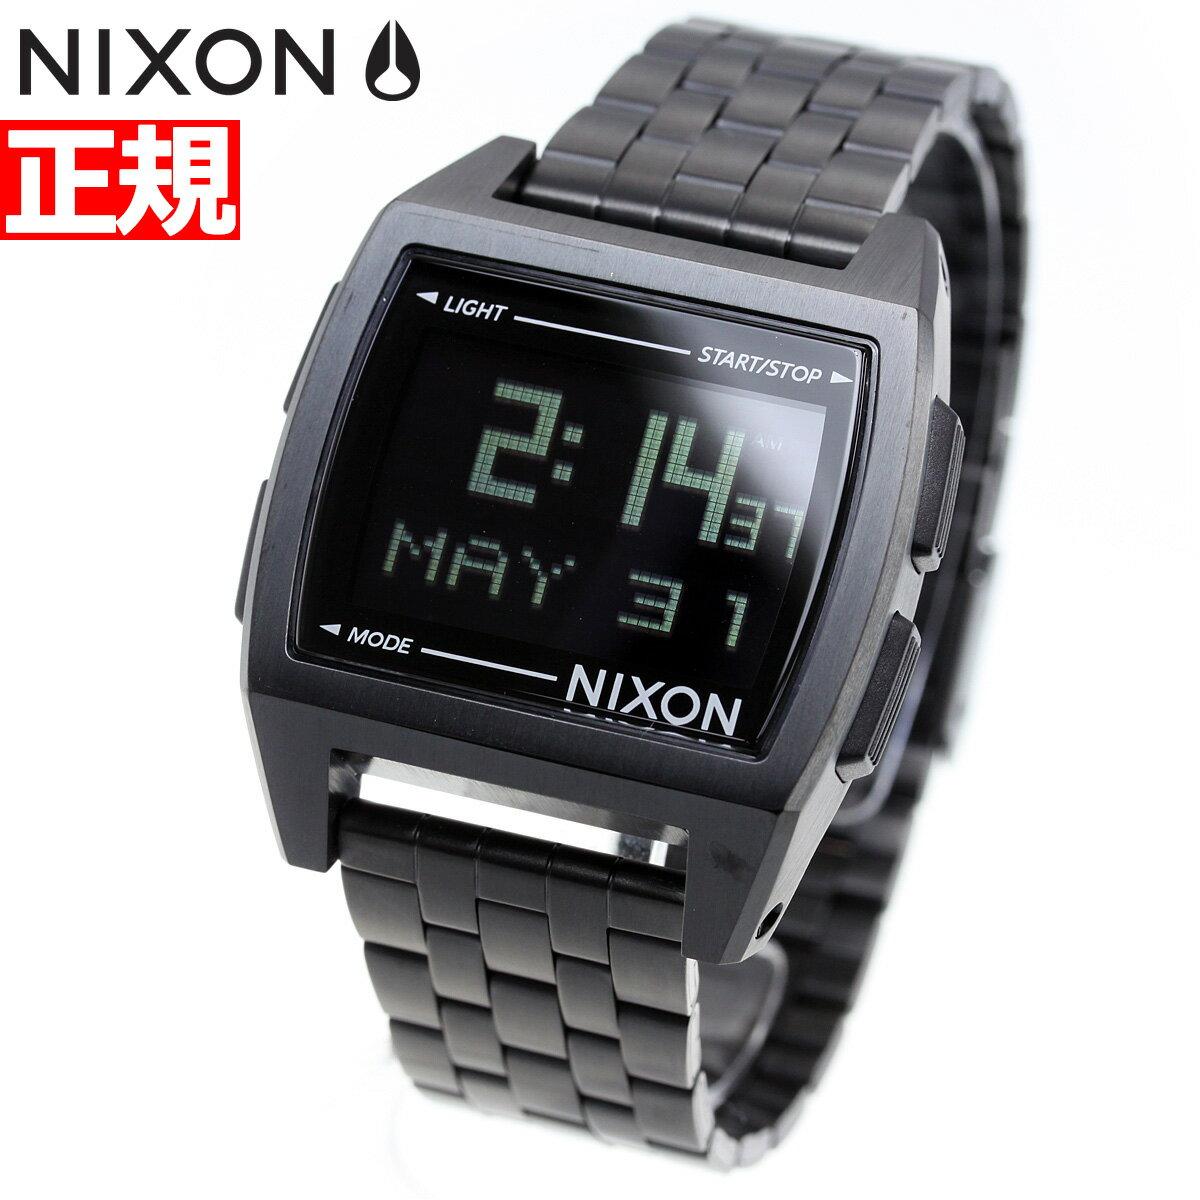 8月15日限定!最大2000円OFFクーポン配布中♪15日0時から16日9時59分まで! ニクソン NIXON ベース BASE 腕時計 レディース オールブラック NA1107001-00